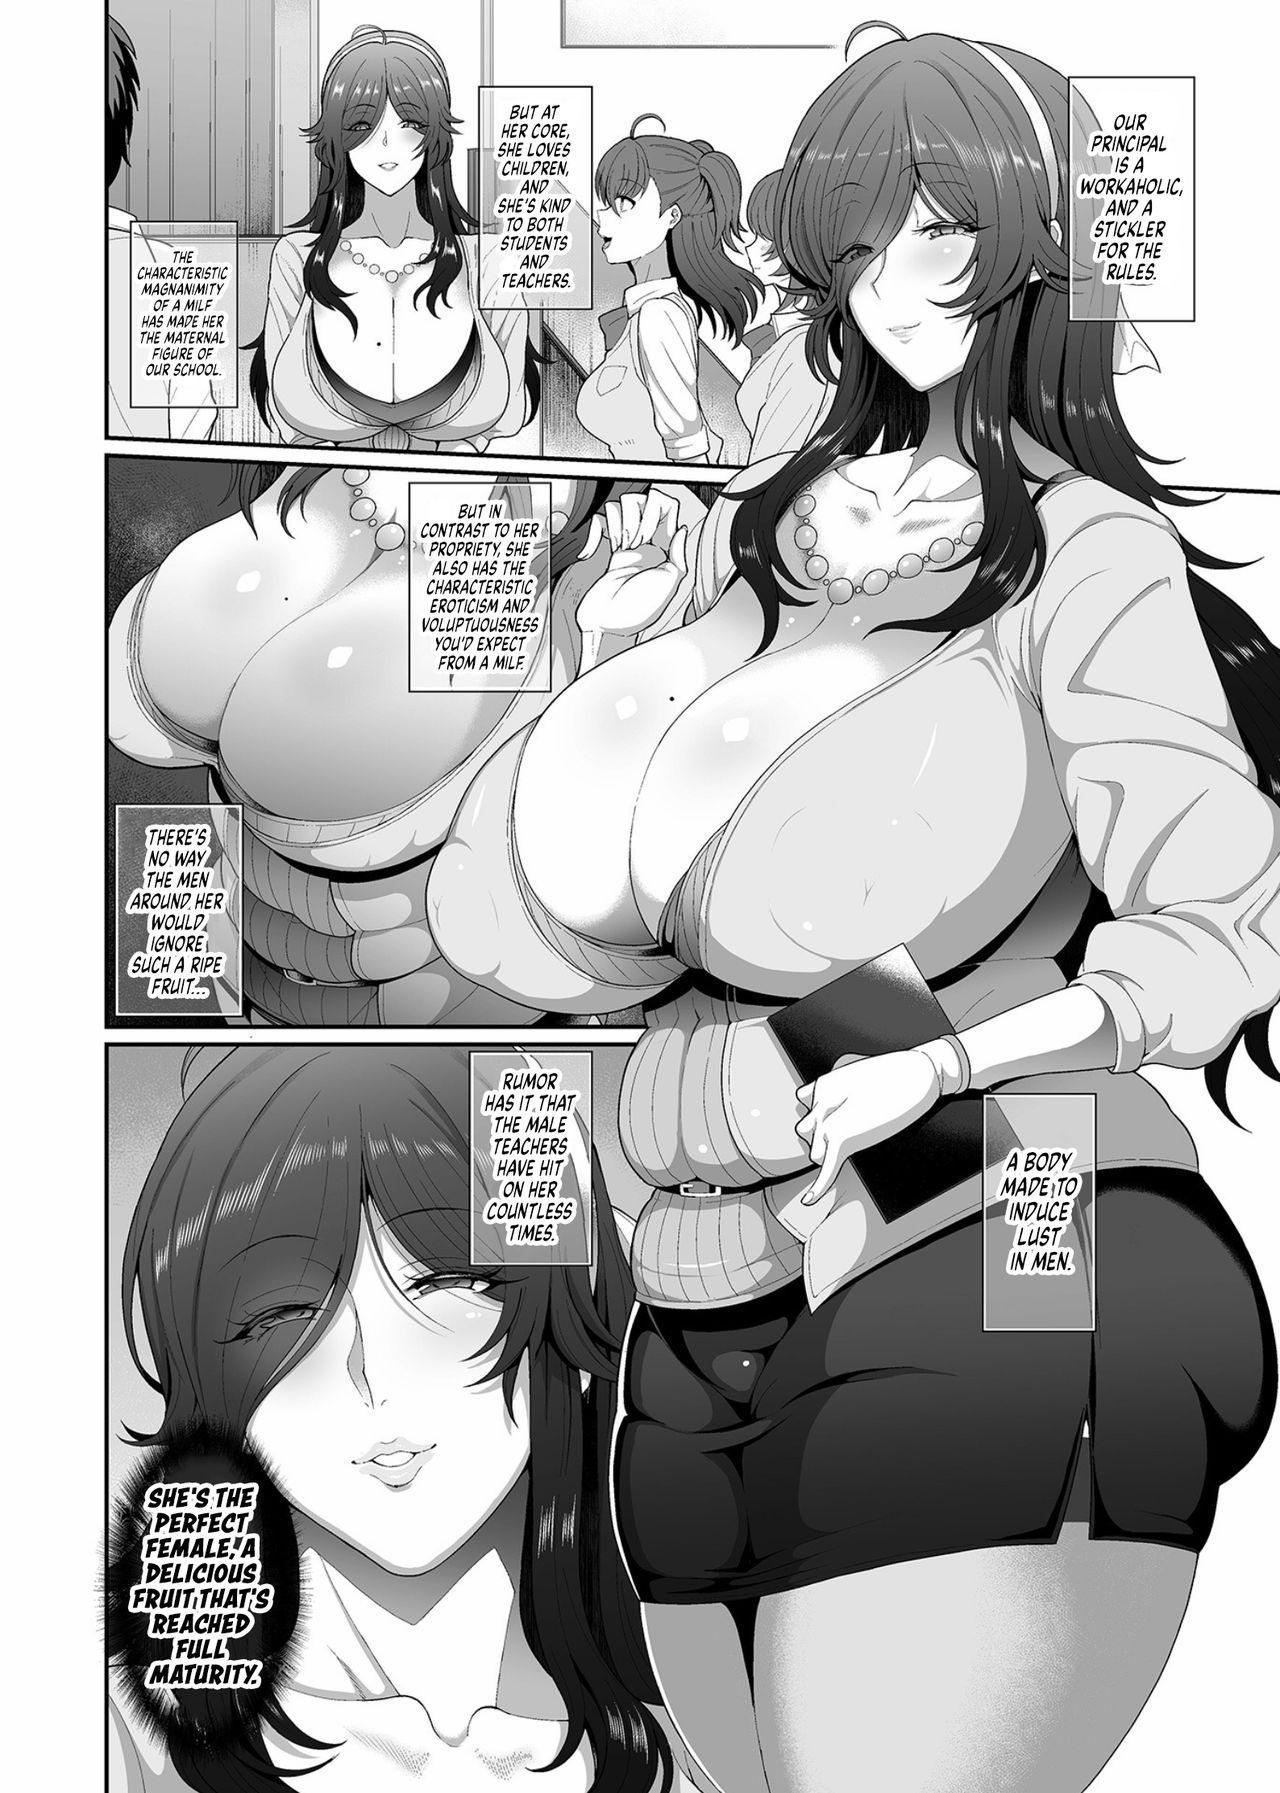 [Tawara Hiryuu] Saimin Seikatsu [Sonobe Ayako Hen] | Hypnotic Sexual Life [Shirogane Yuri Chapter] (COMIC GEE Vol. 9) [English] [RedLantern] 2